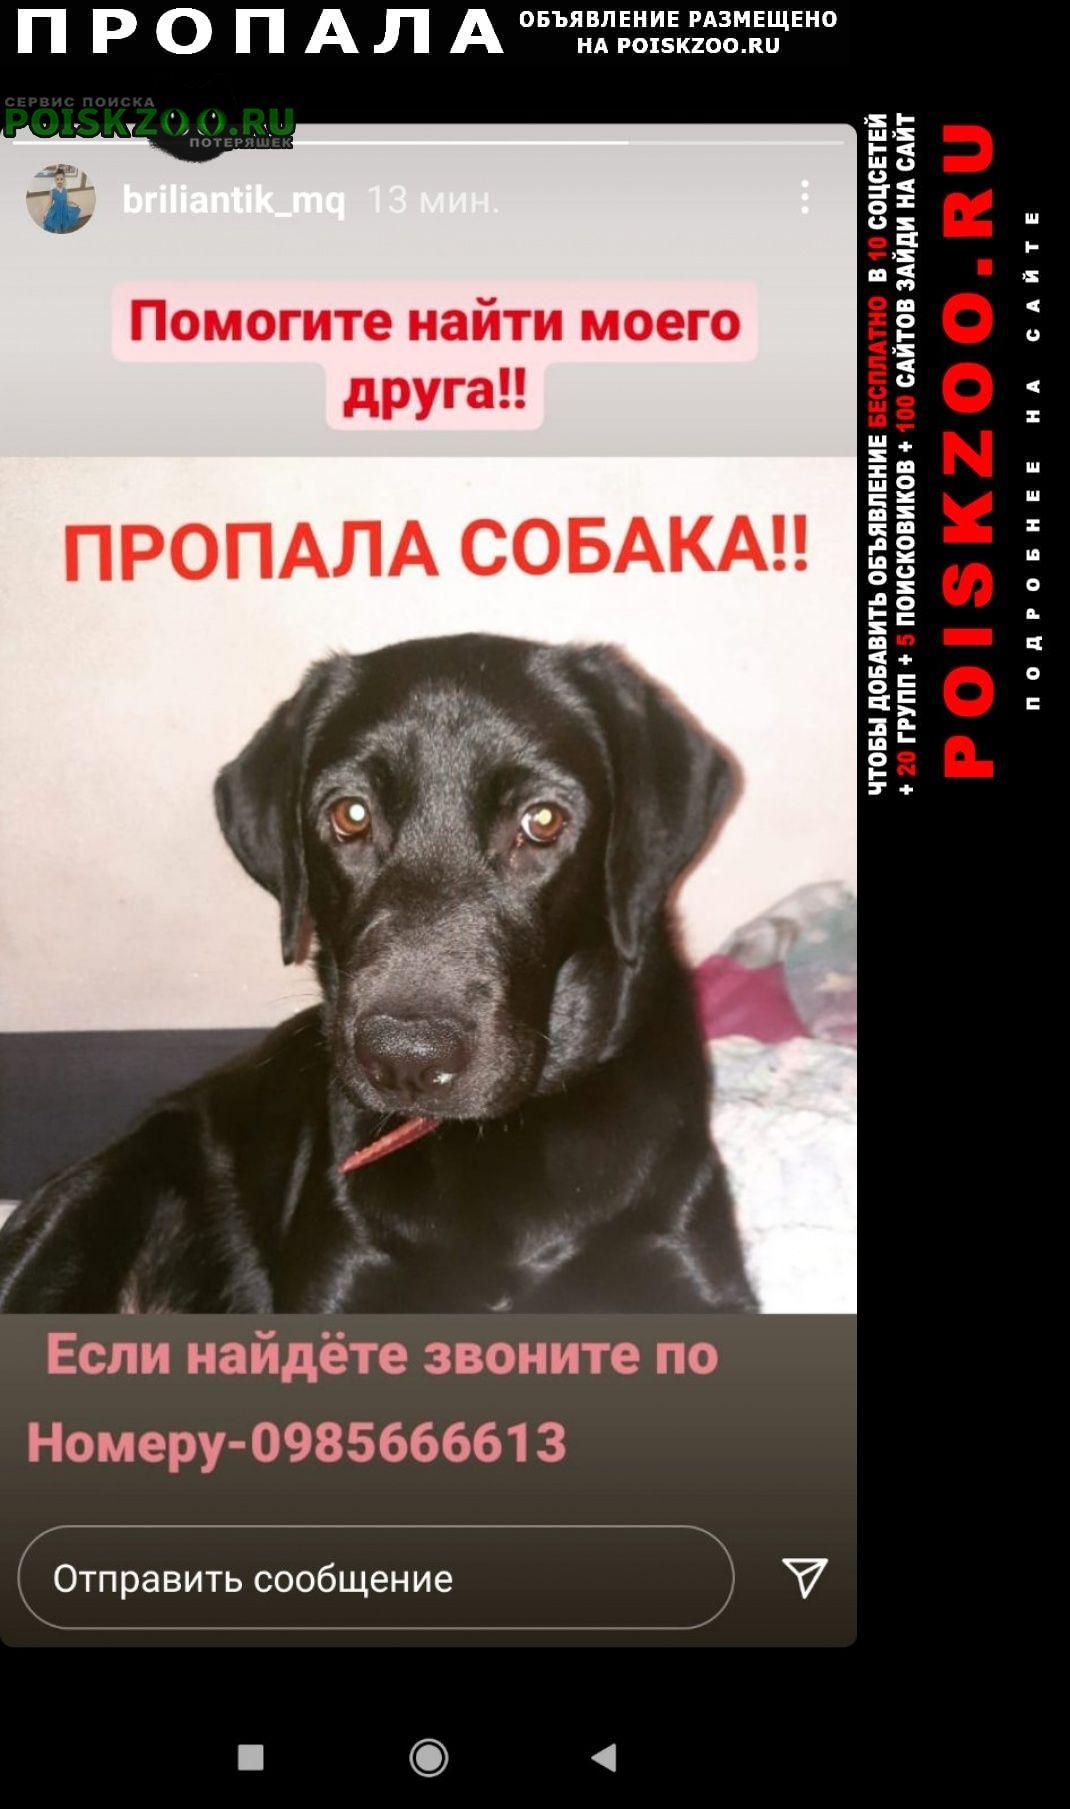 Пропала собака черный лабрадор, Мариуполь